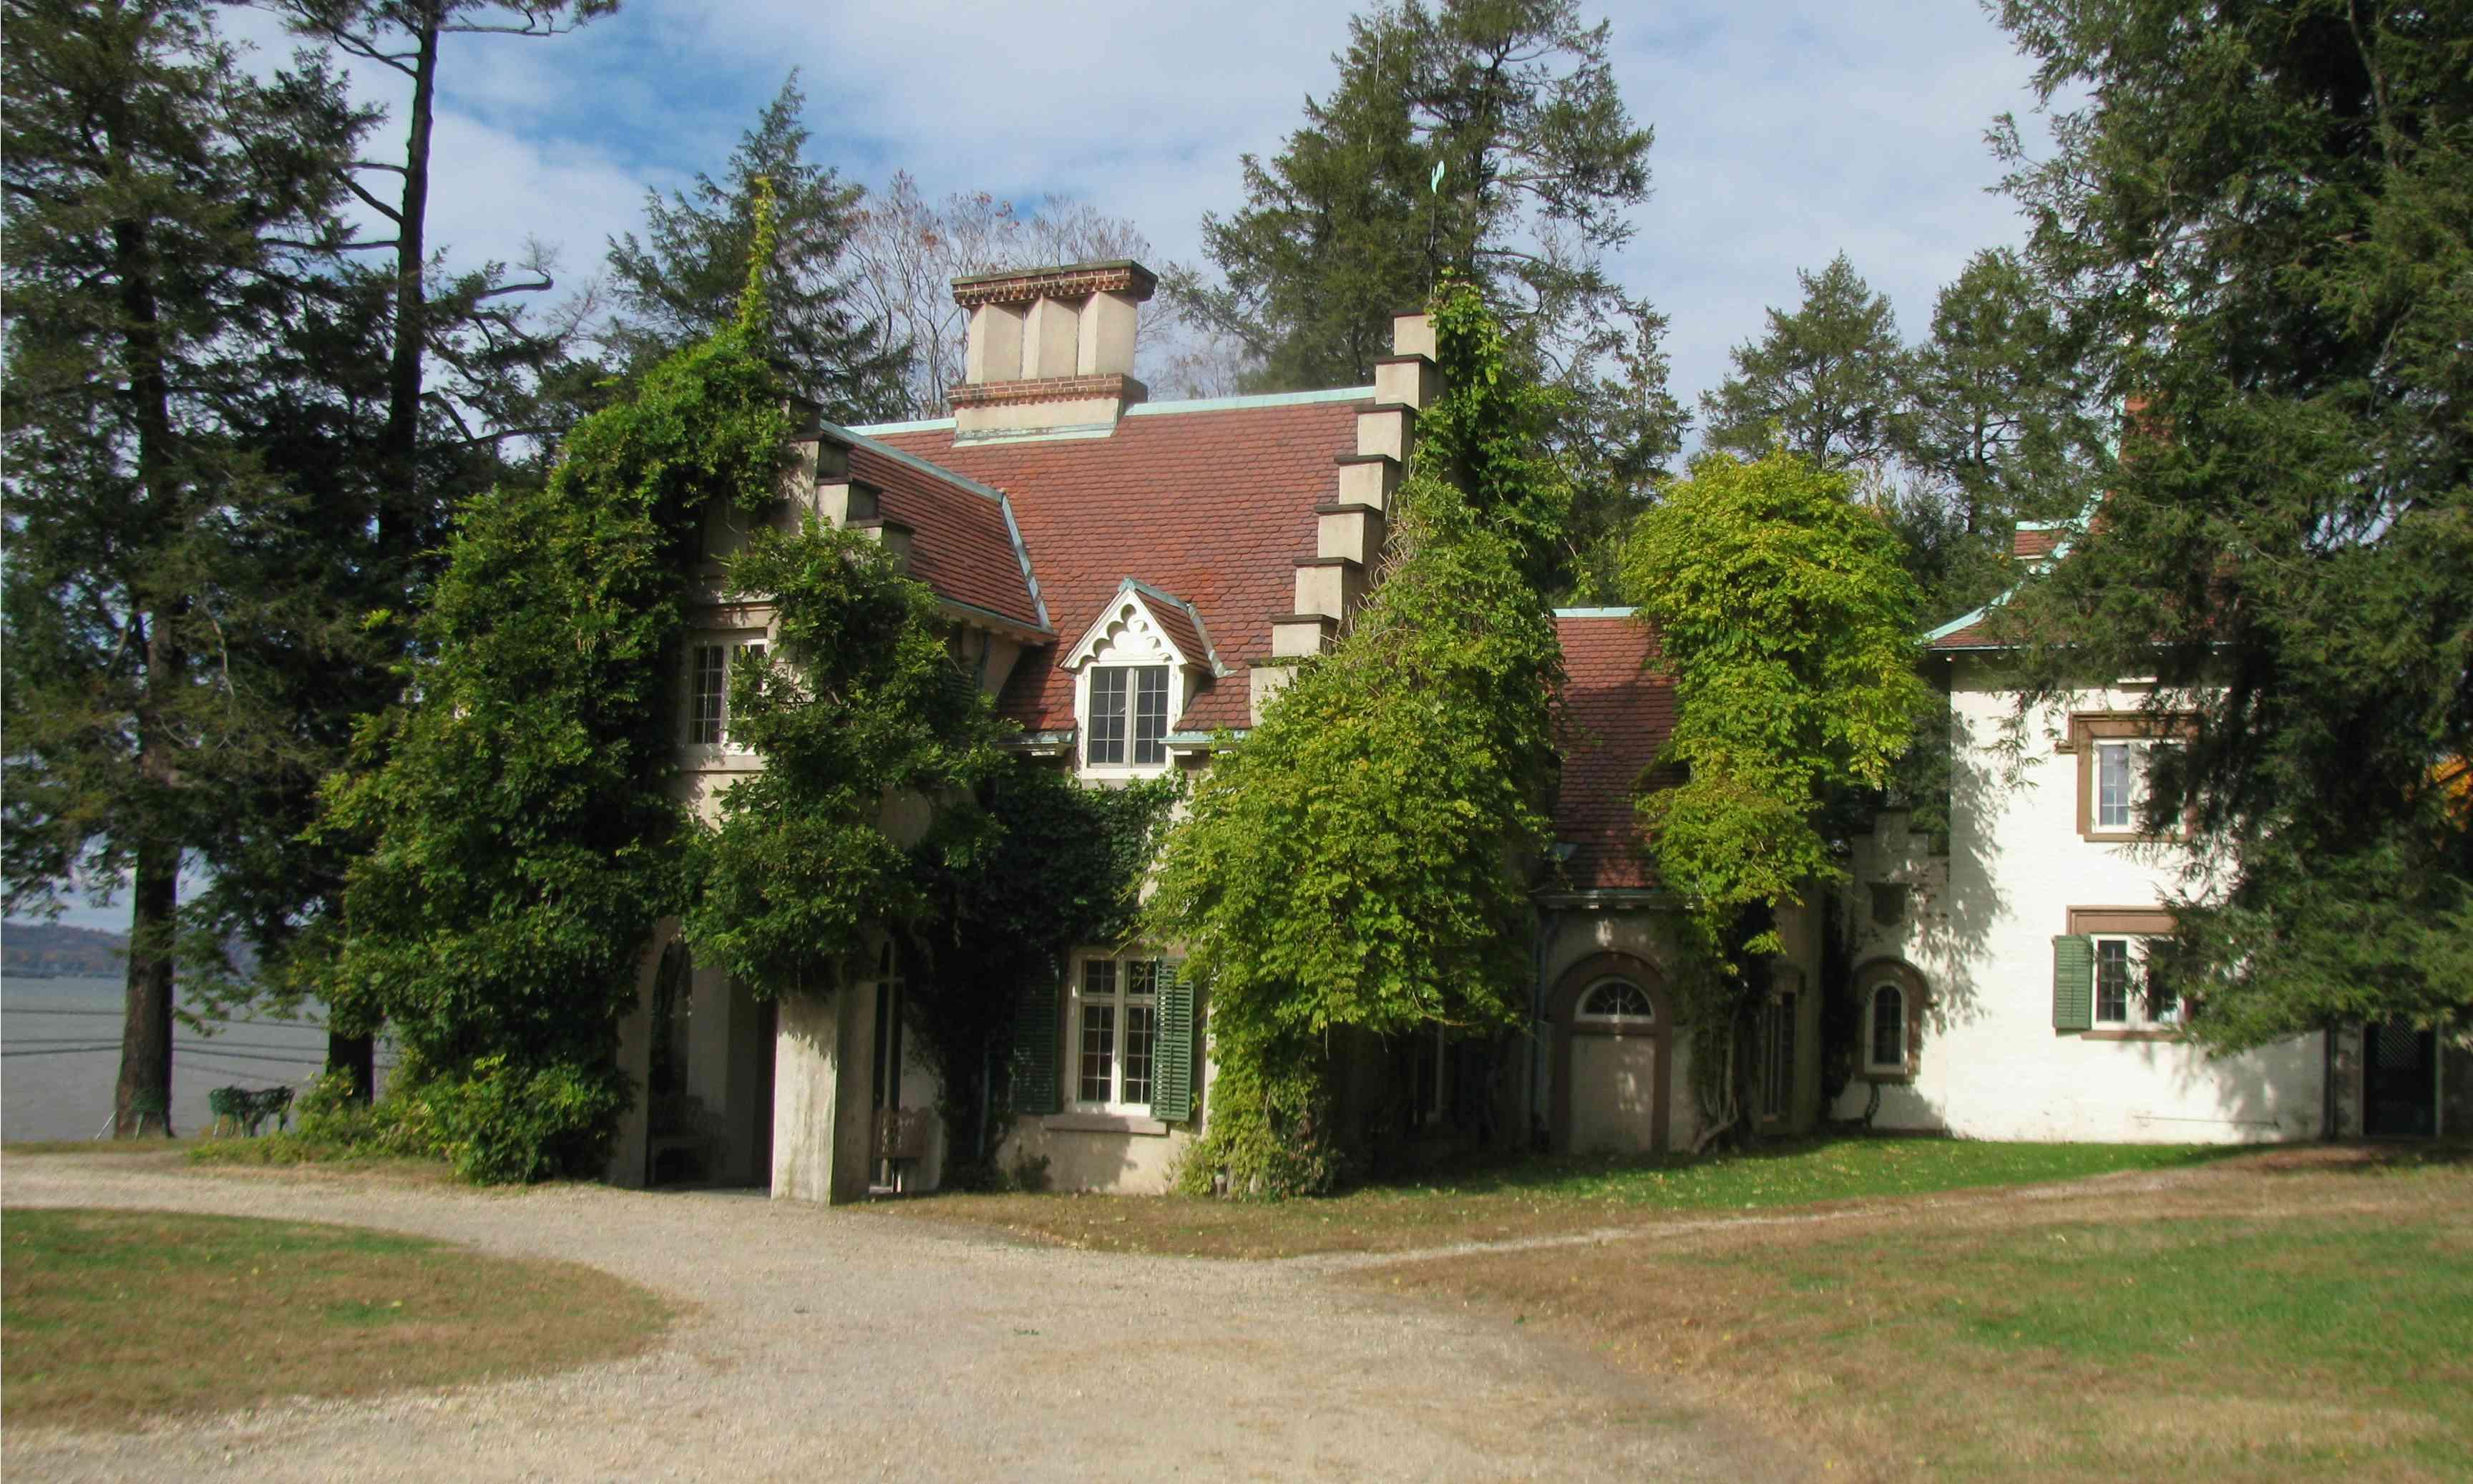 Ashington Irvings Sunnyside Anwesen in Tarrytown New York